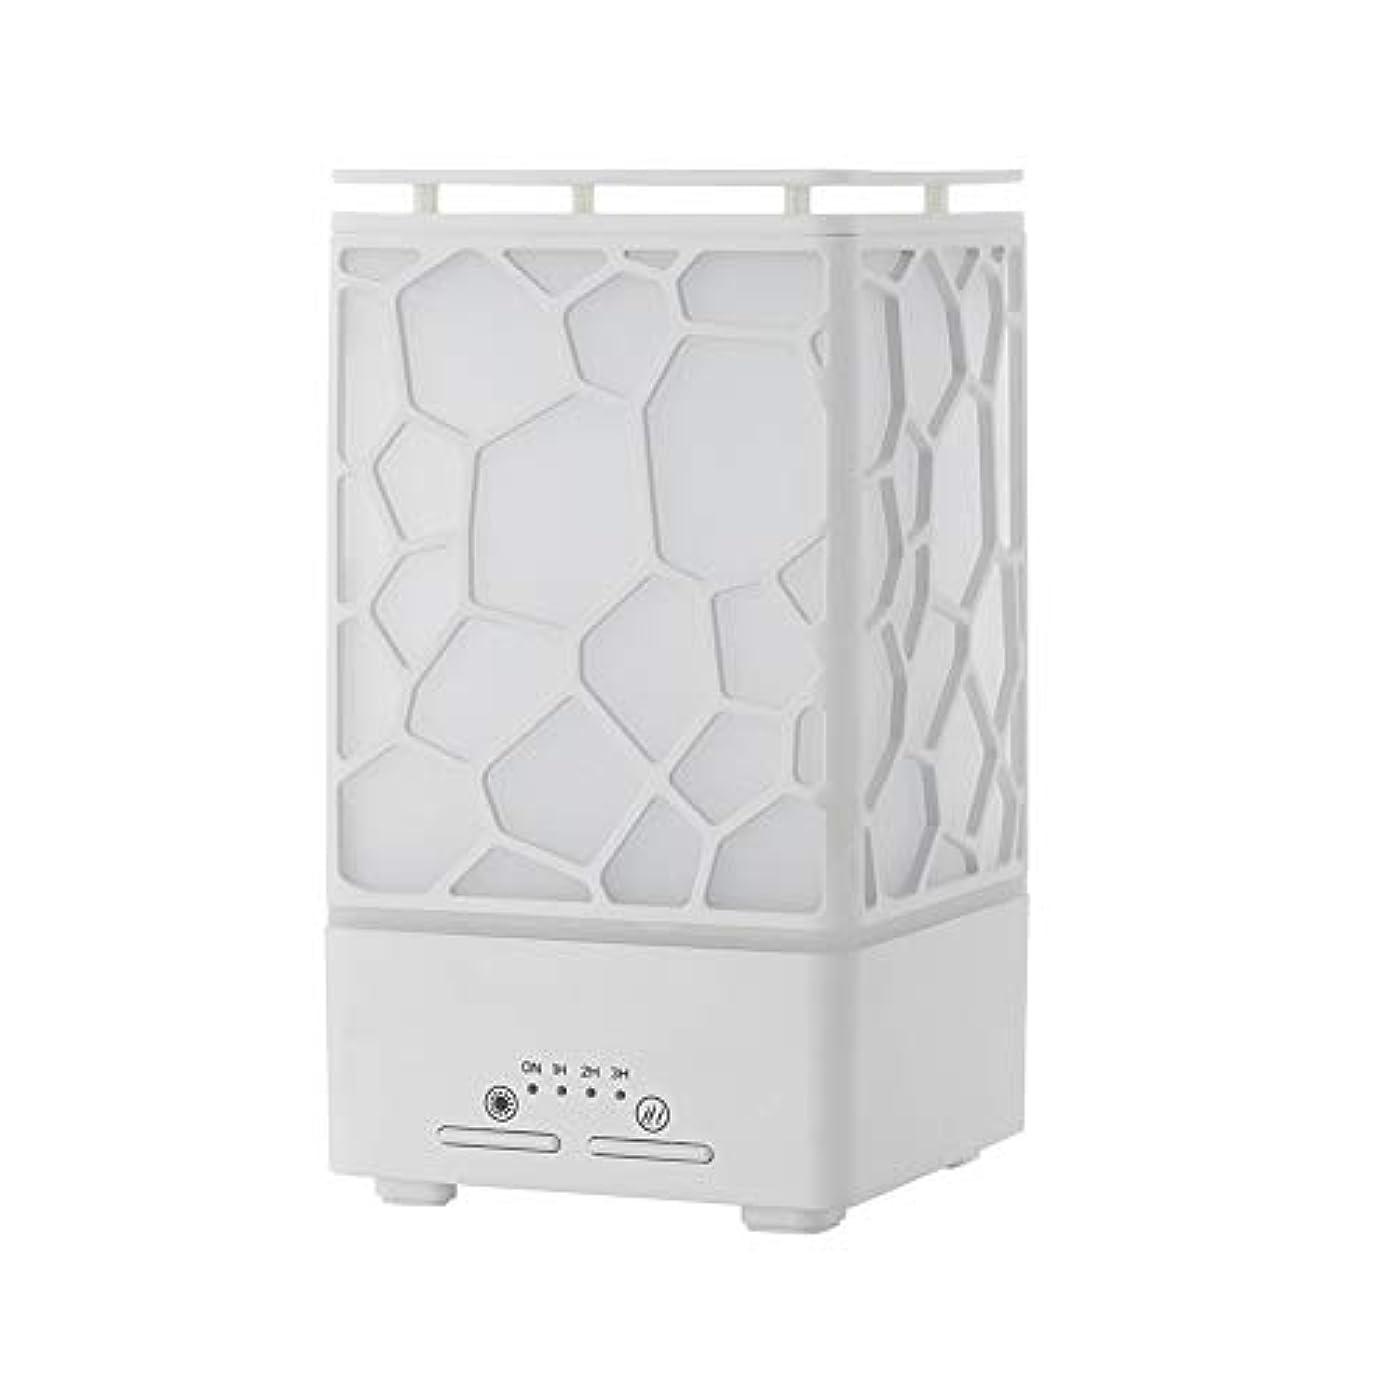 オーバーラン散らす尊敬するデスク ミニ ウォーターキューブ 加湿器,涼しい霧 精油 ディフューザー 超音波式 香り 加湿機 時間 7 色 ホーム Yoga スパ オフィス- 200ml